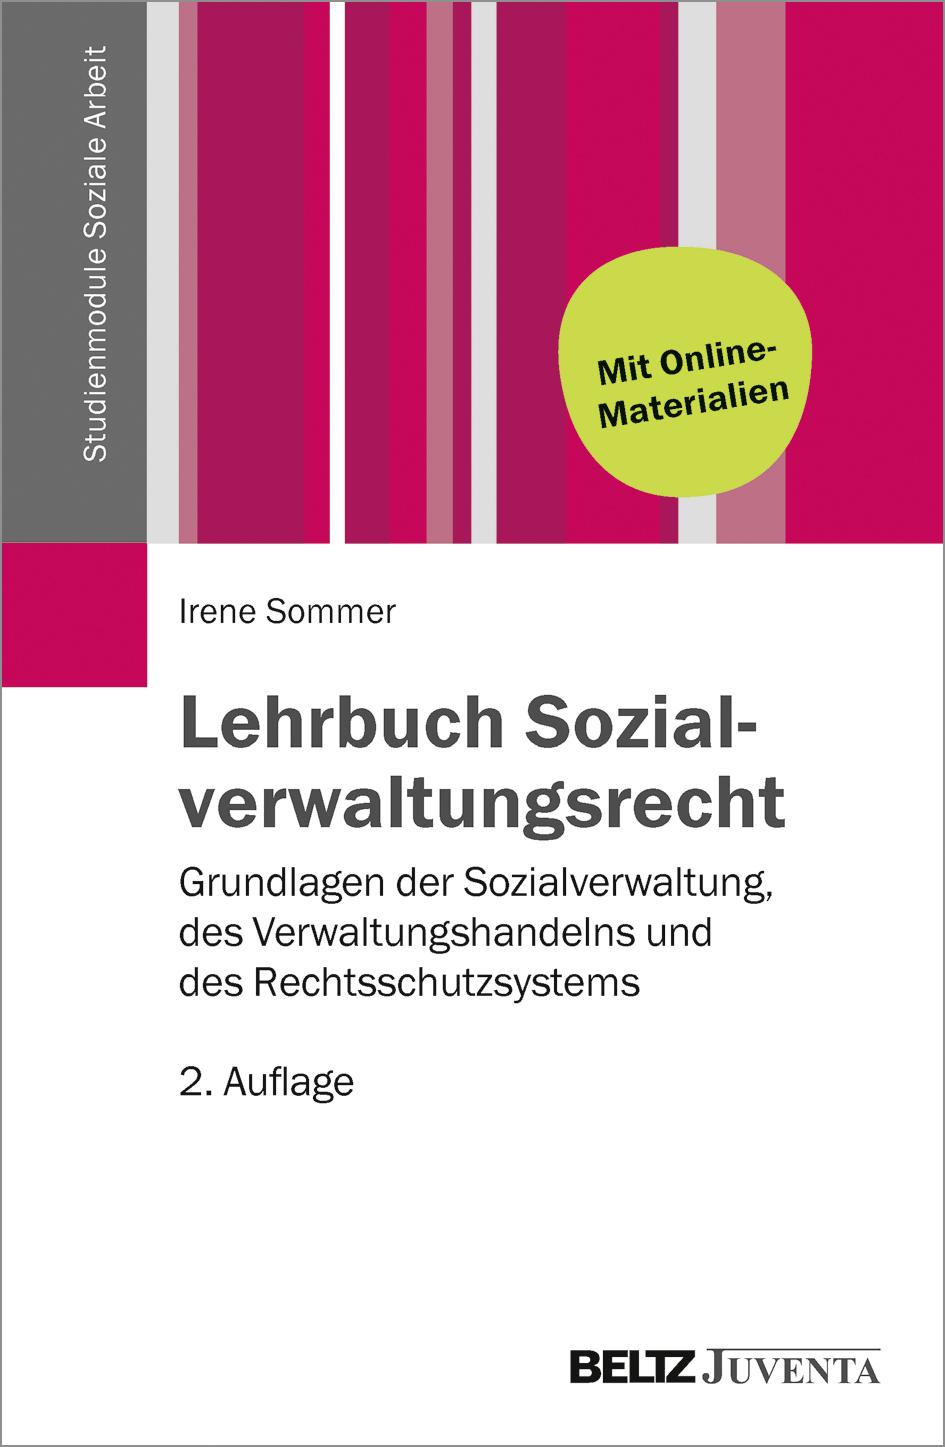 Lehrbuch Sozialverwaltungsrecht   Irene Sommer    9783779930747